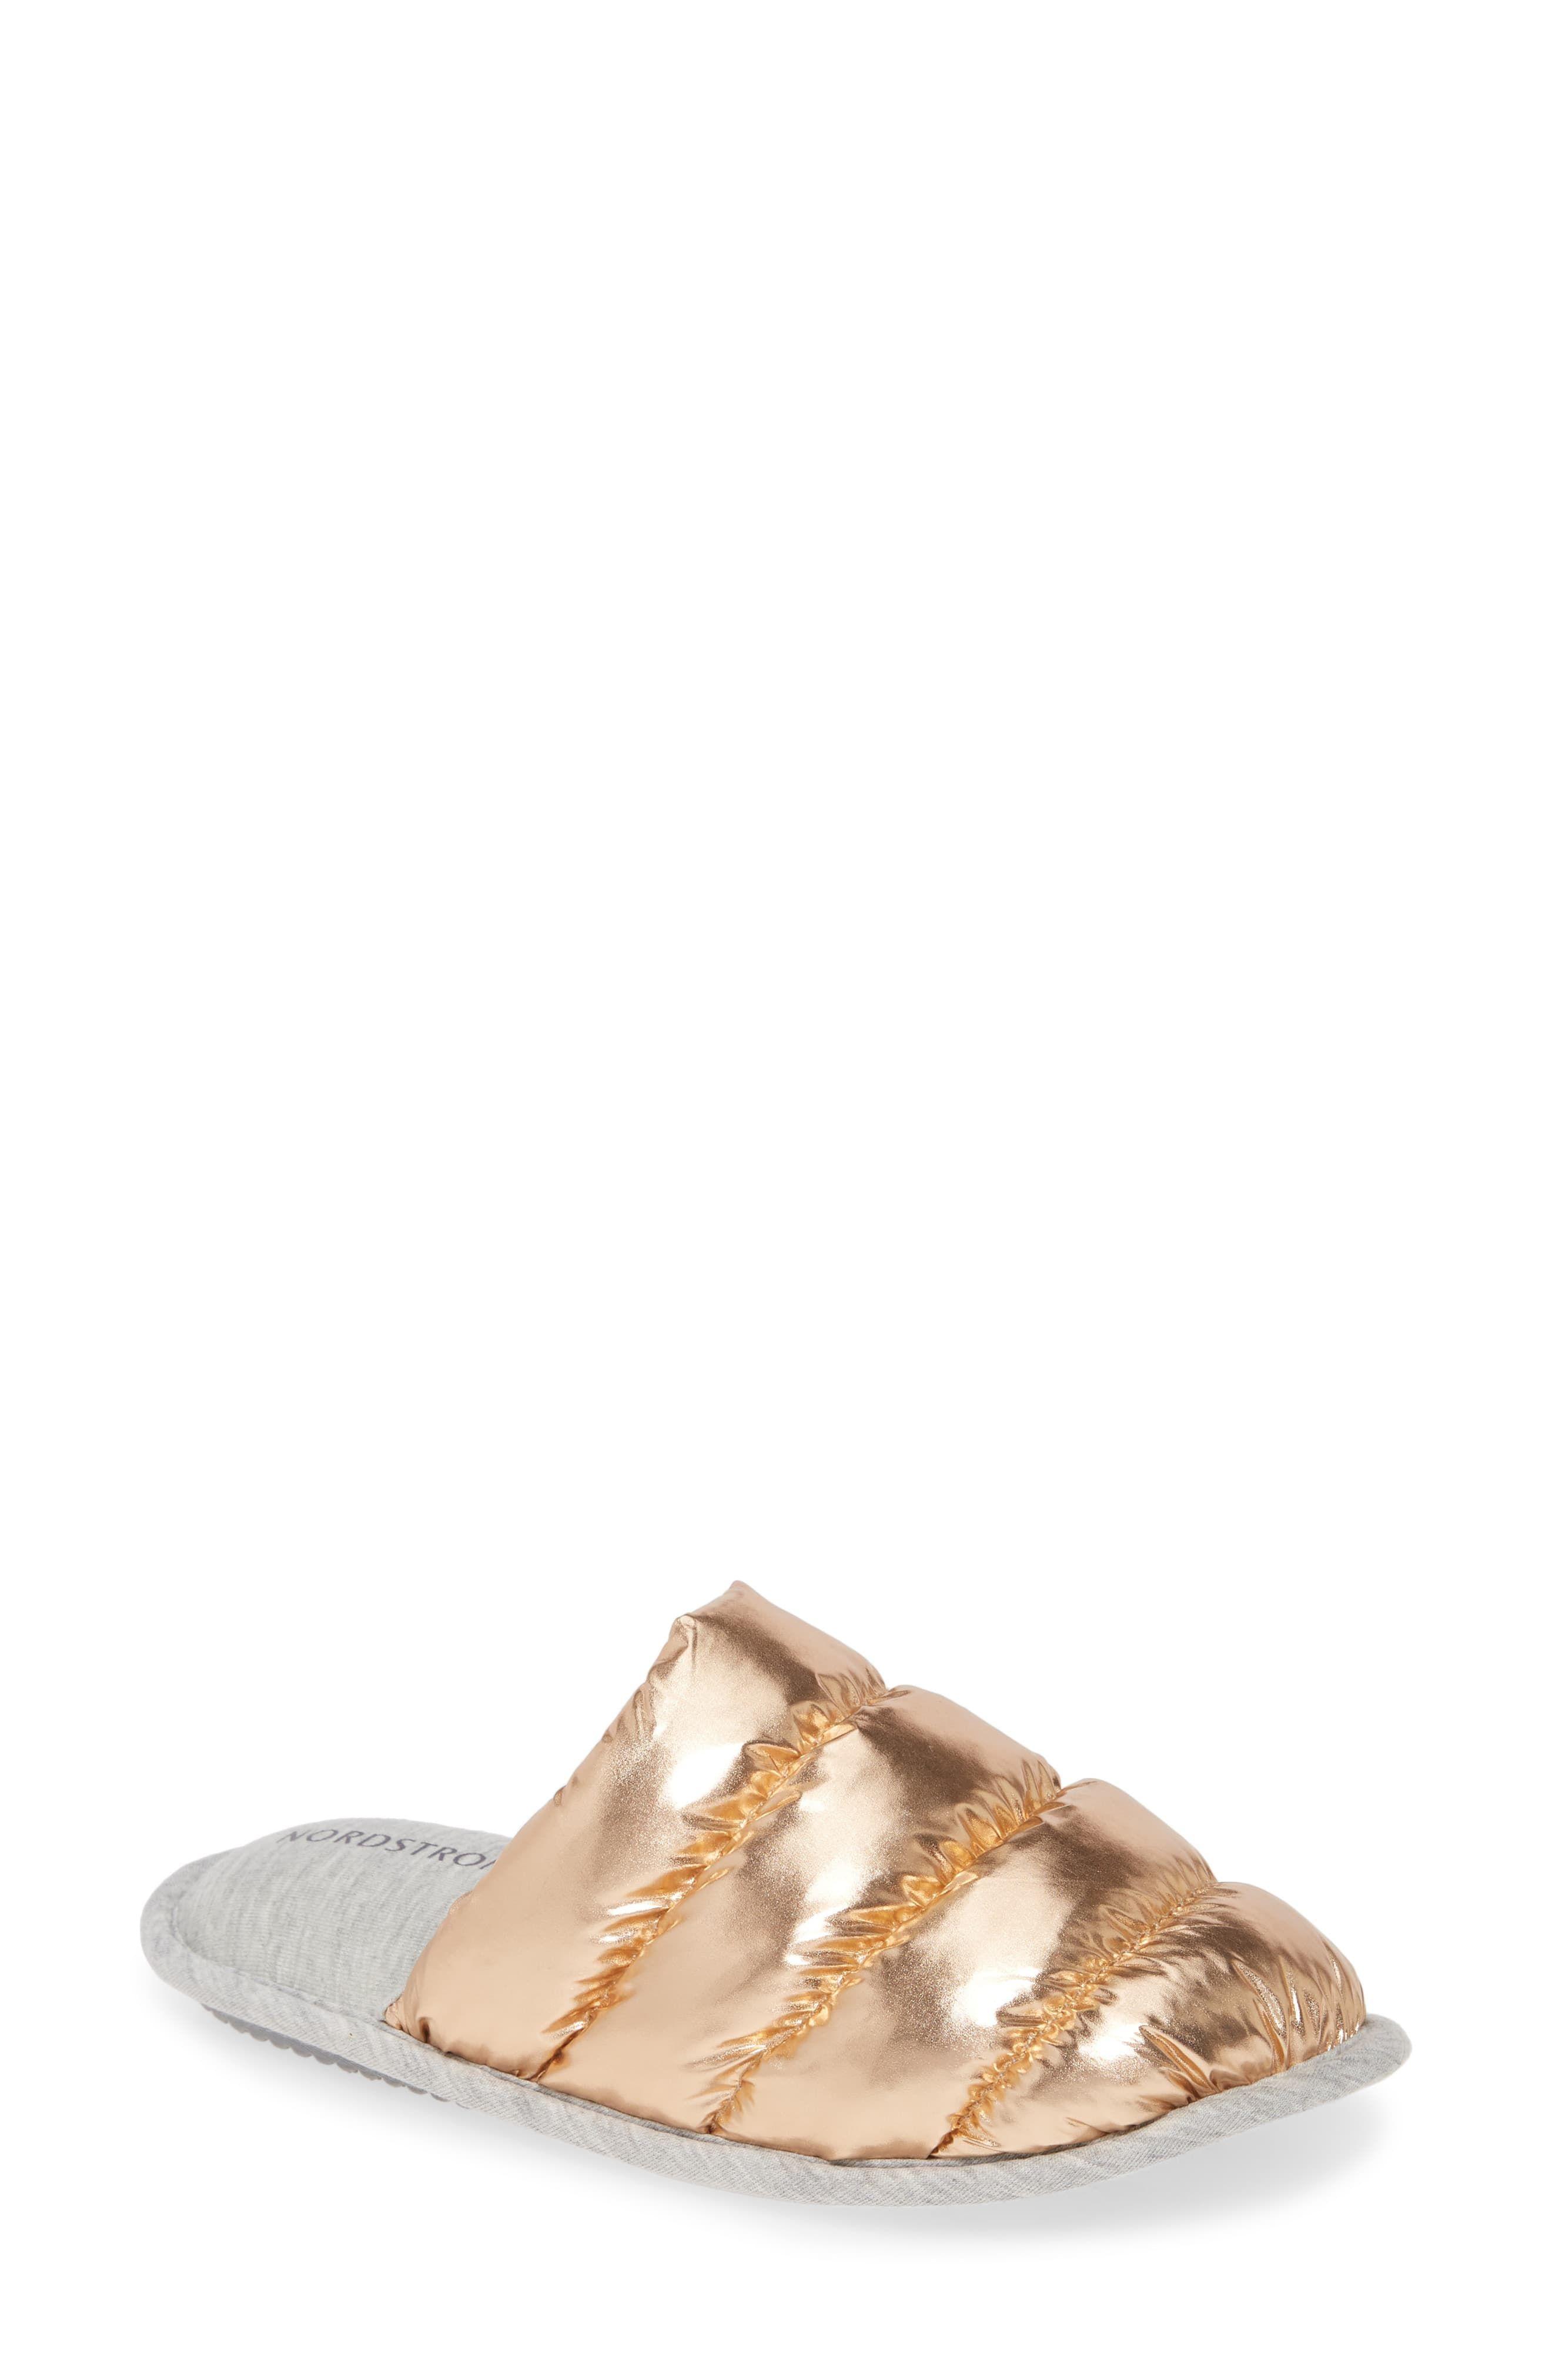 Puffer Slipper (Women   Womens slippers, Nordstrom gifts